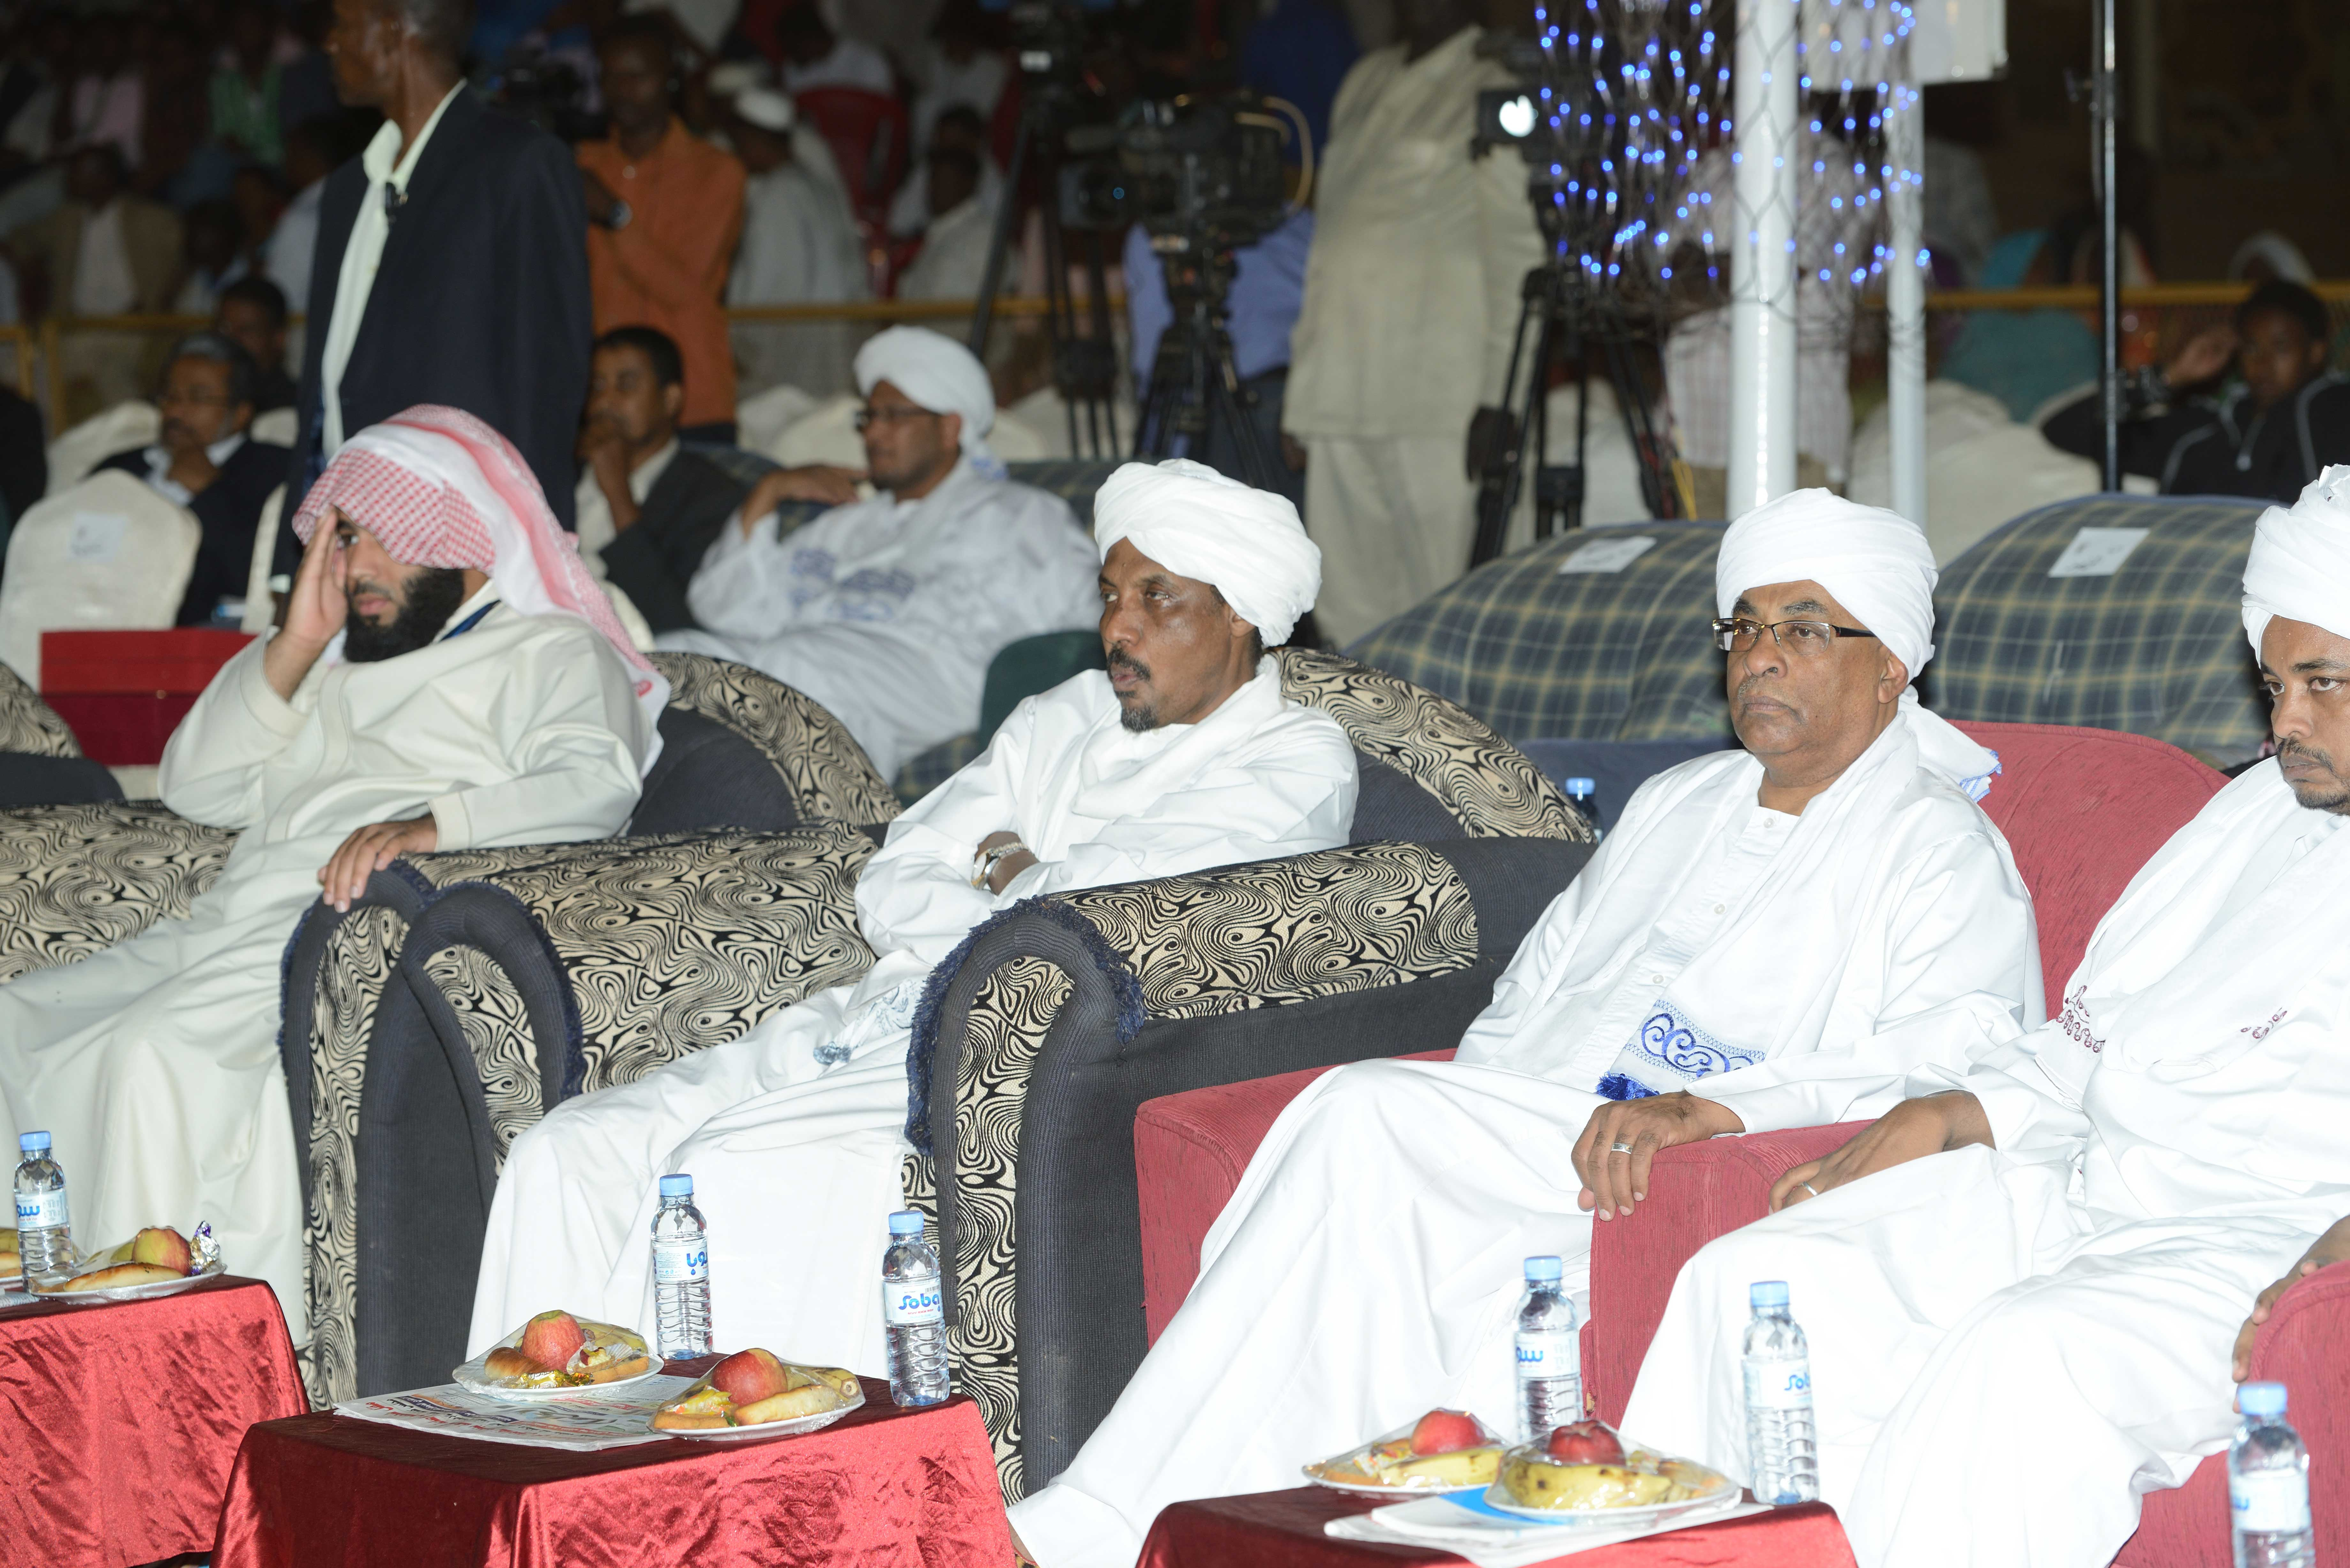 صور من افتتاح معرض الخرطوم الدولي الدورة 32